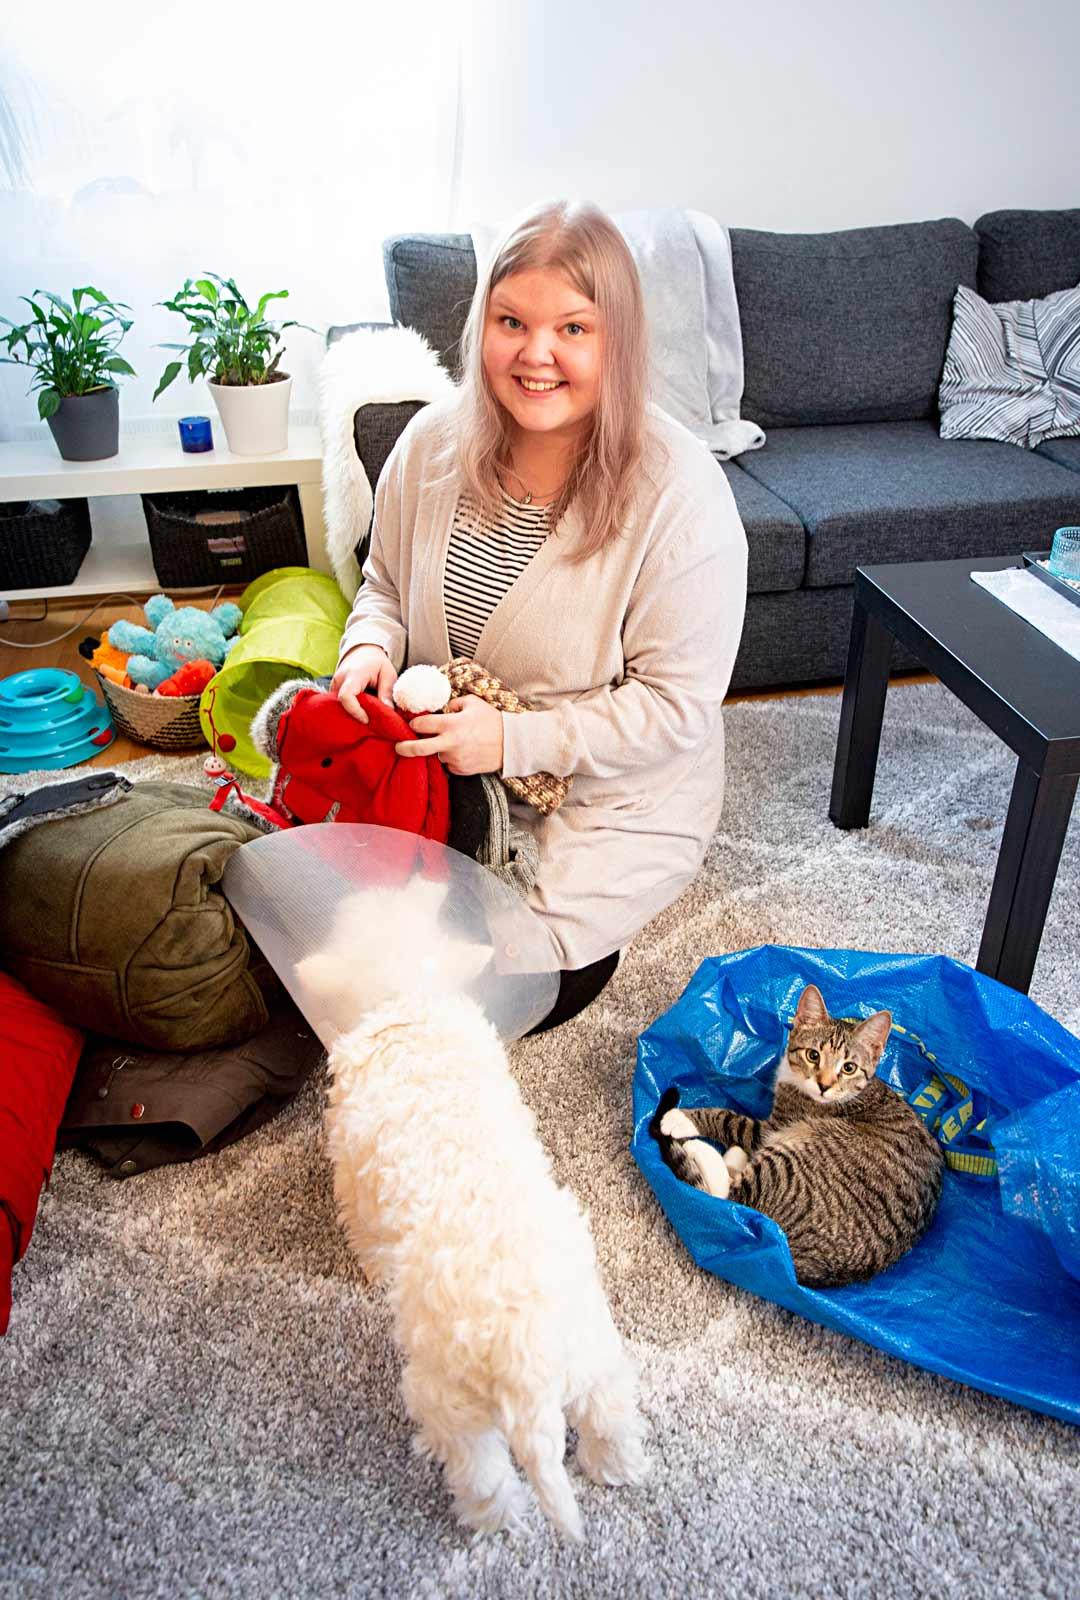 Vapaaehtoistyö on arkea myös Tiialle. Hän hakee ompeluseuralle vaate- ja materiaalilahjoituksia ja käyttää koiraansa vapaa-aikana tervehtimässä palvelutalon asukkaita.